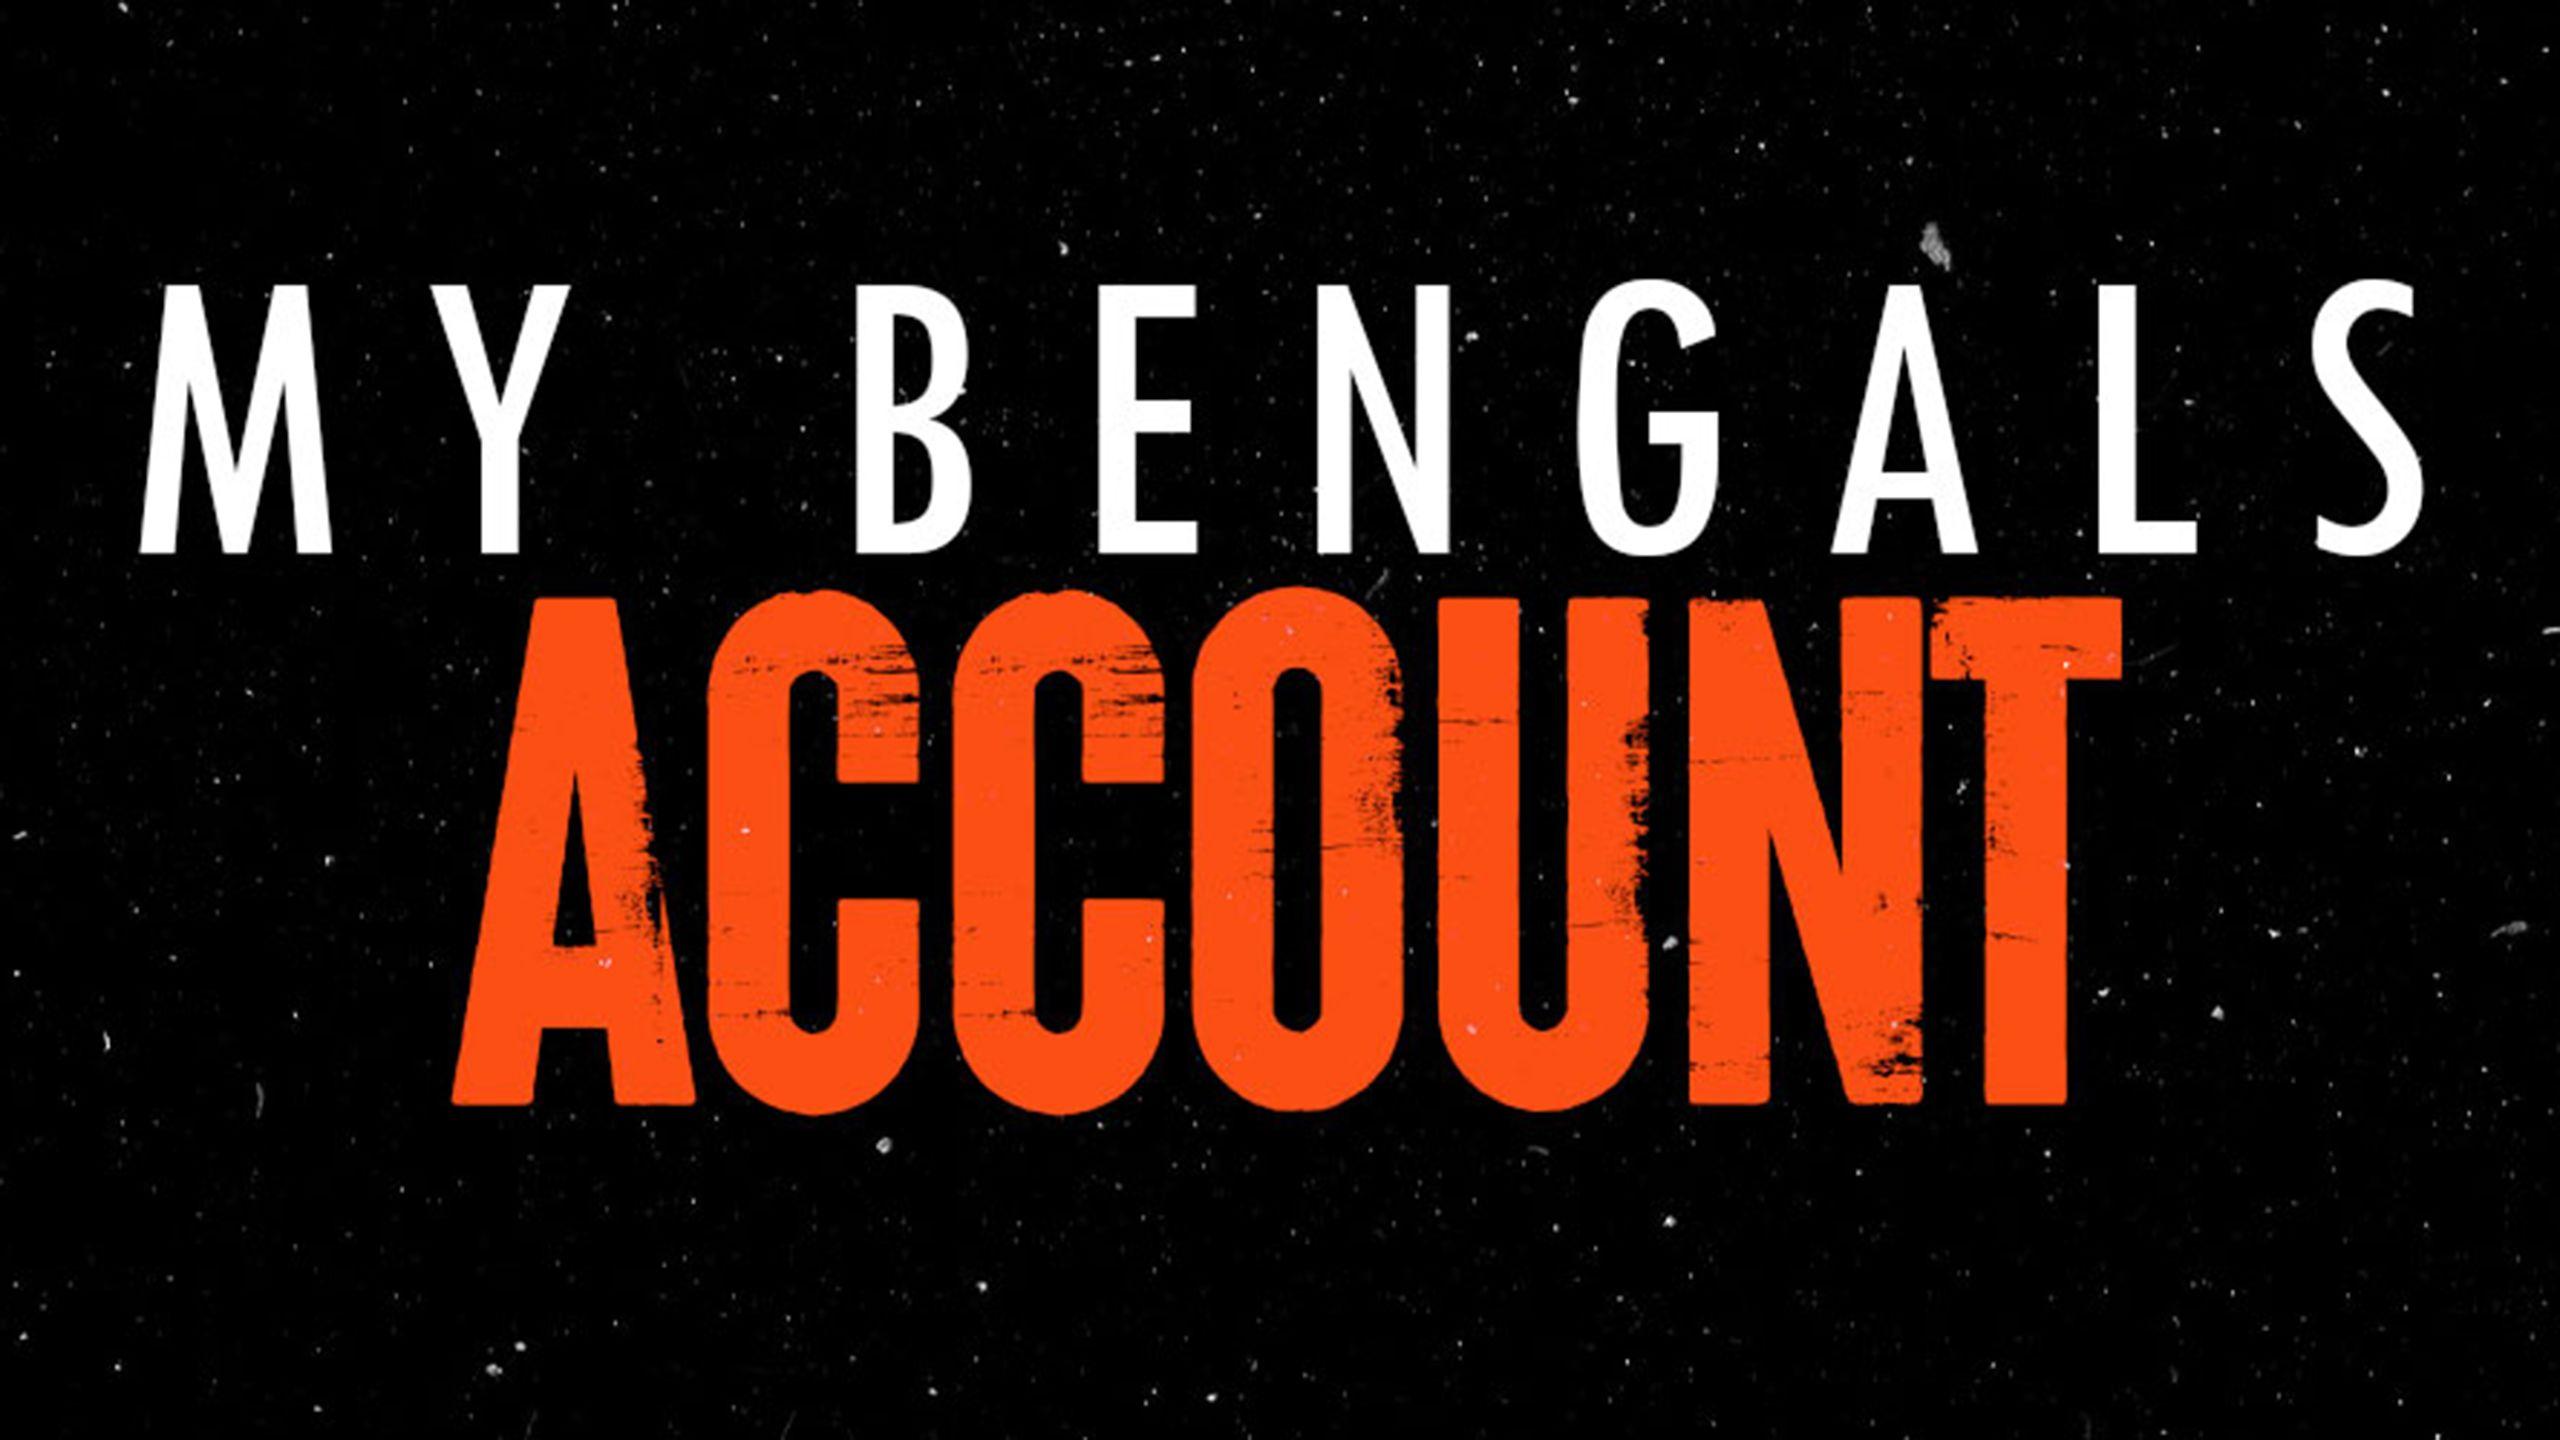 My Bengals Account